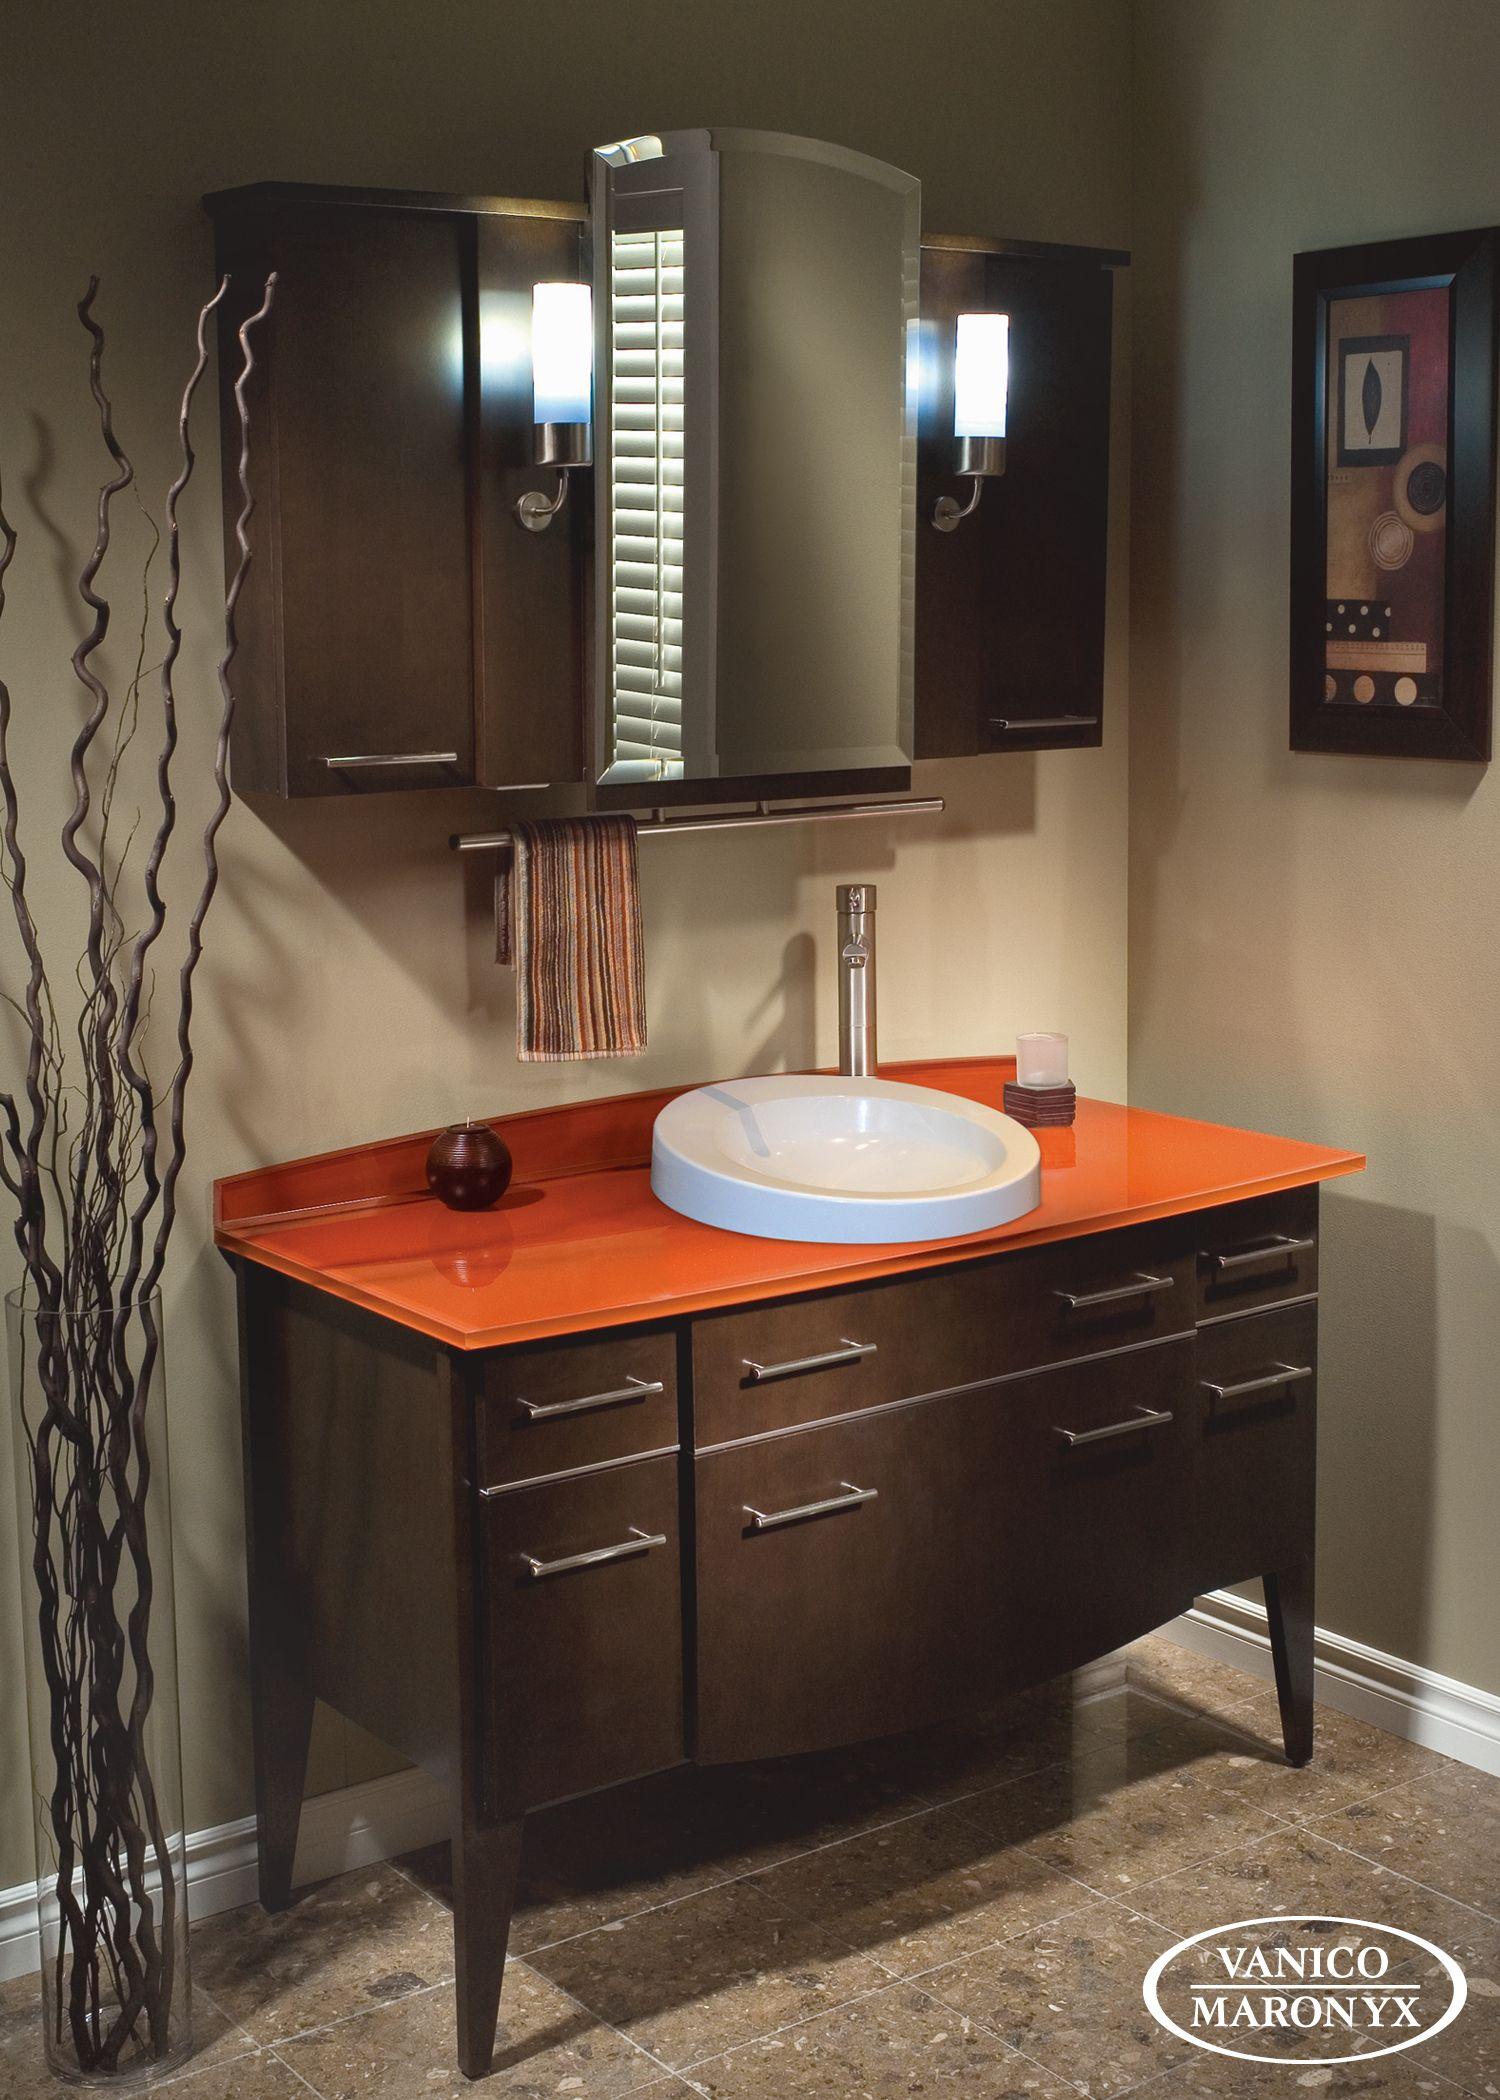 Vanico Maronyx's bath vanity with stylish orange glass ...